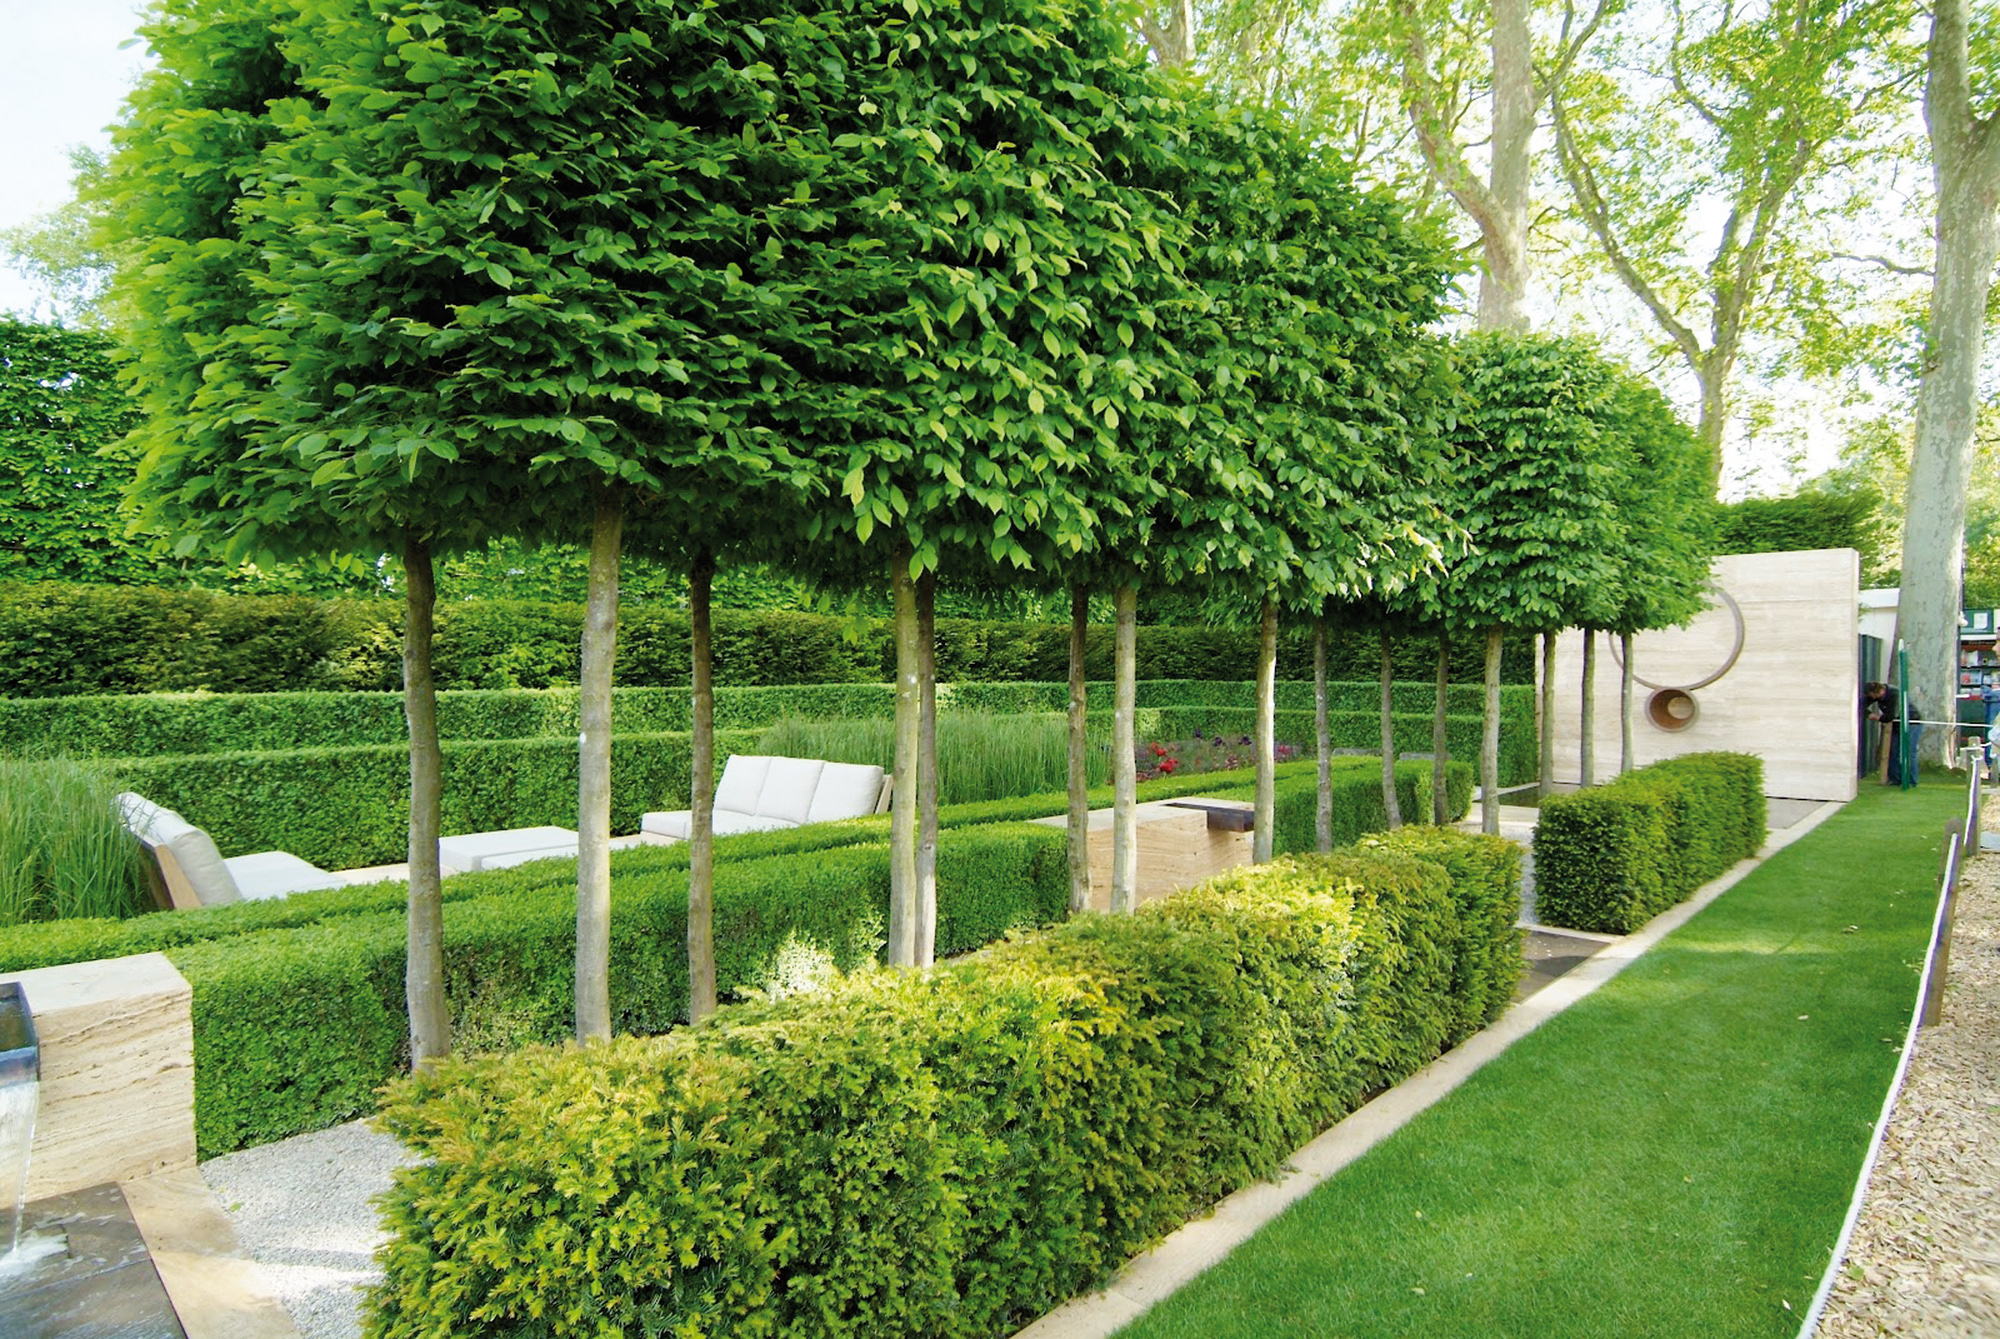 Haagplanten kopen voor uw tuin assortiment hagen tuincentrum de molen - Tuin landscaping fotos ...